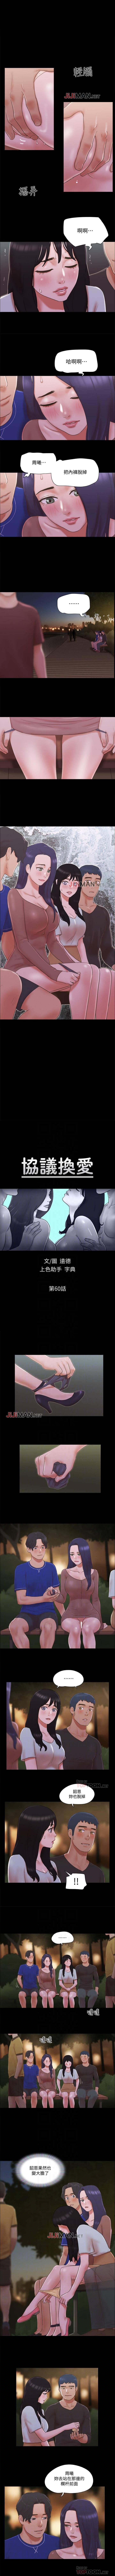 【周五连载】协议换爱(作者:遠德) 第1~62话 249